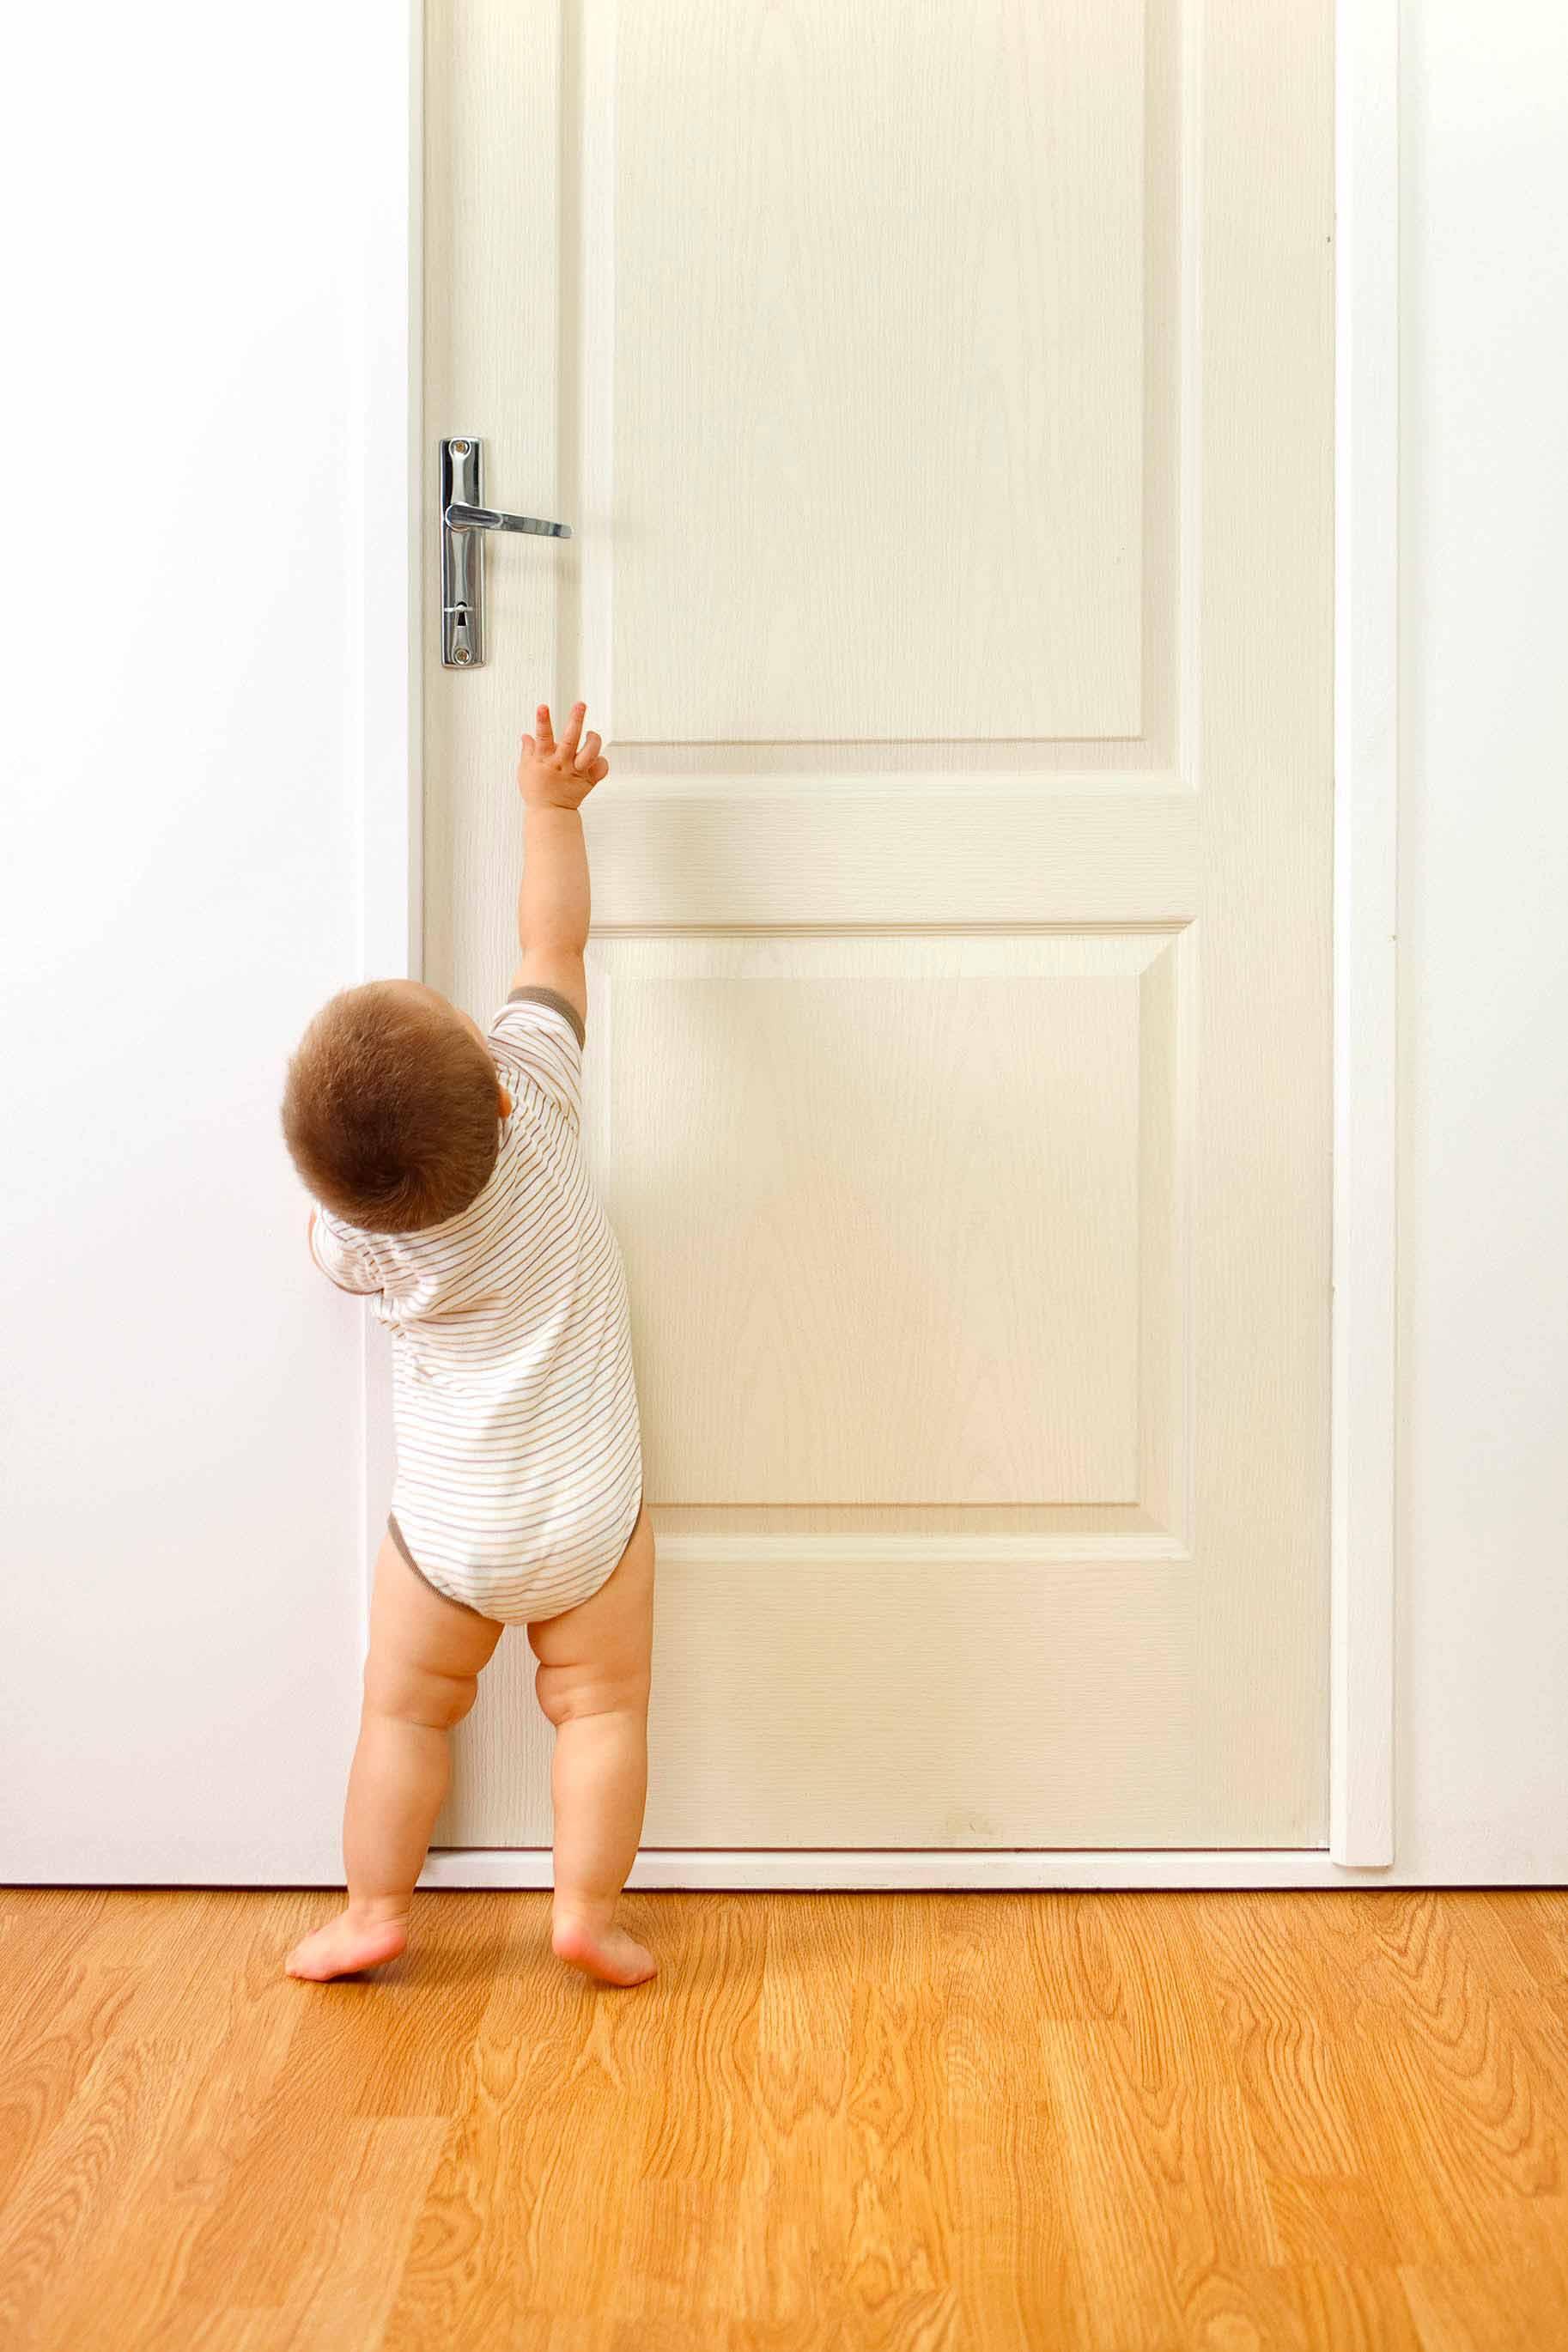 bambino prova ad aprire una porta